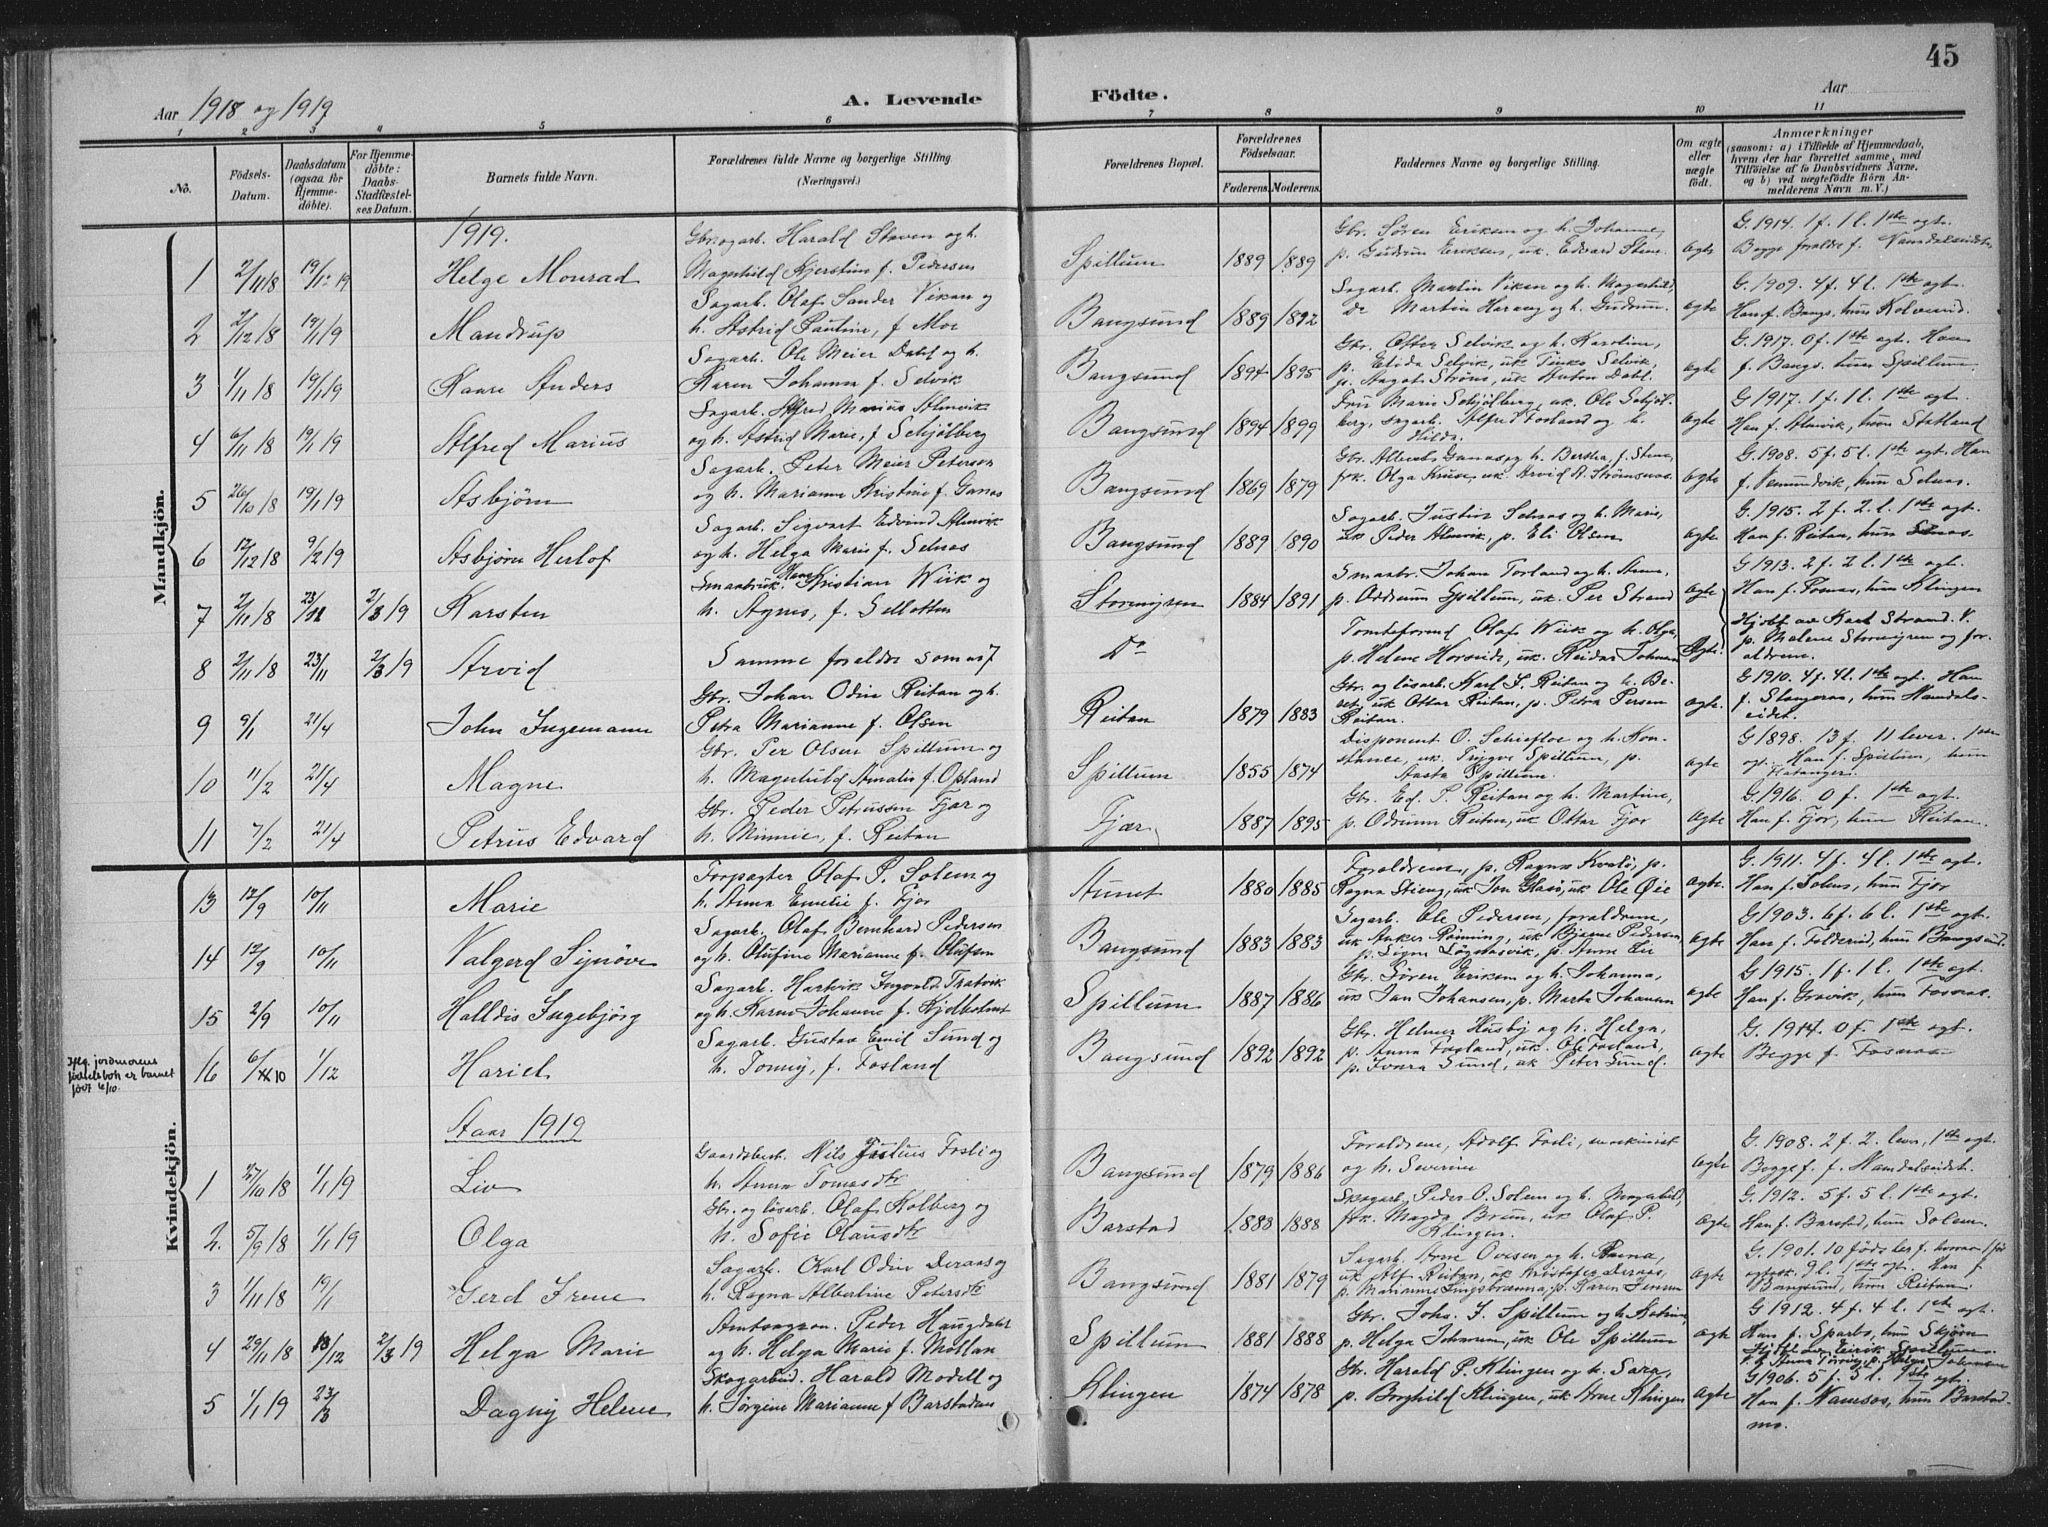 SAT, Ministerialprotokoller, klokkerbøker og fødselsregistre - Nord-Trøndelag, 770/L0591: Klokkerbok nr. 770C02, 1902-1940, s. 45